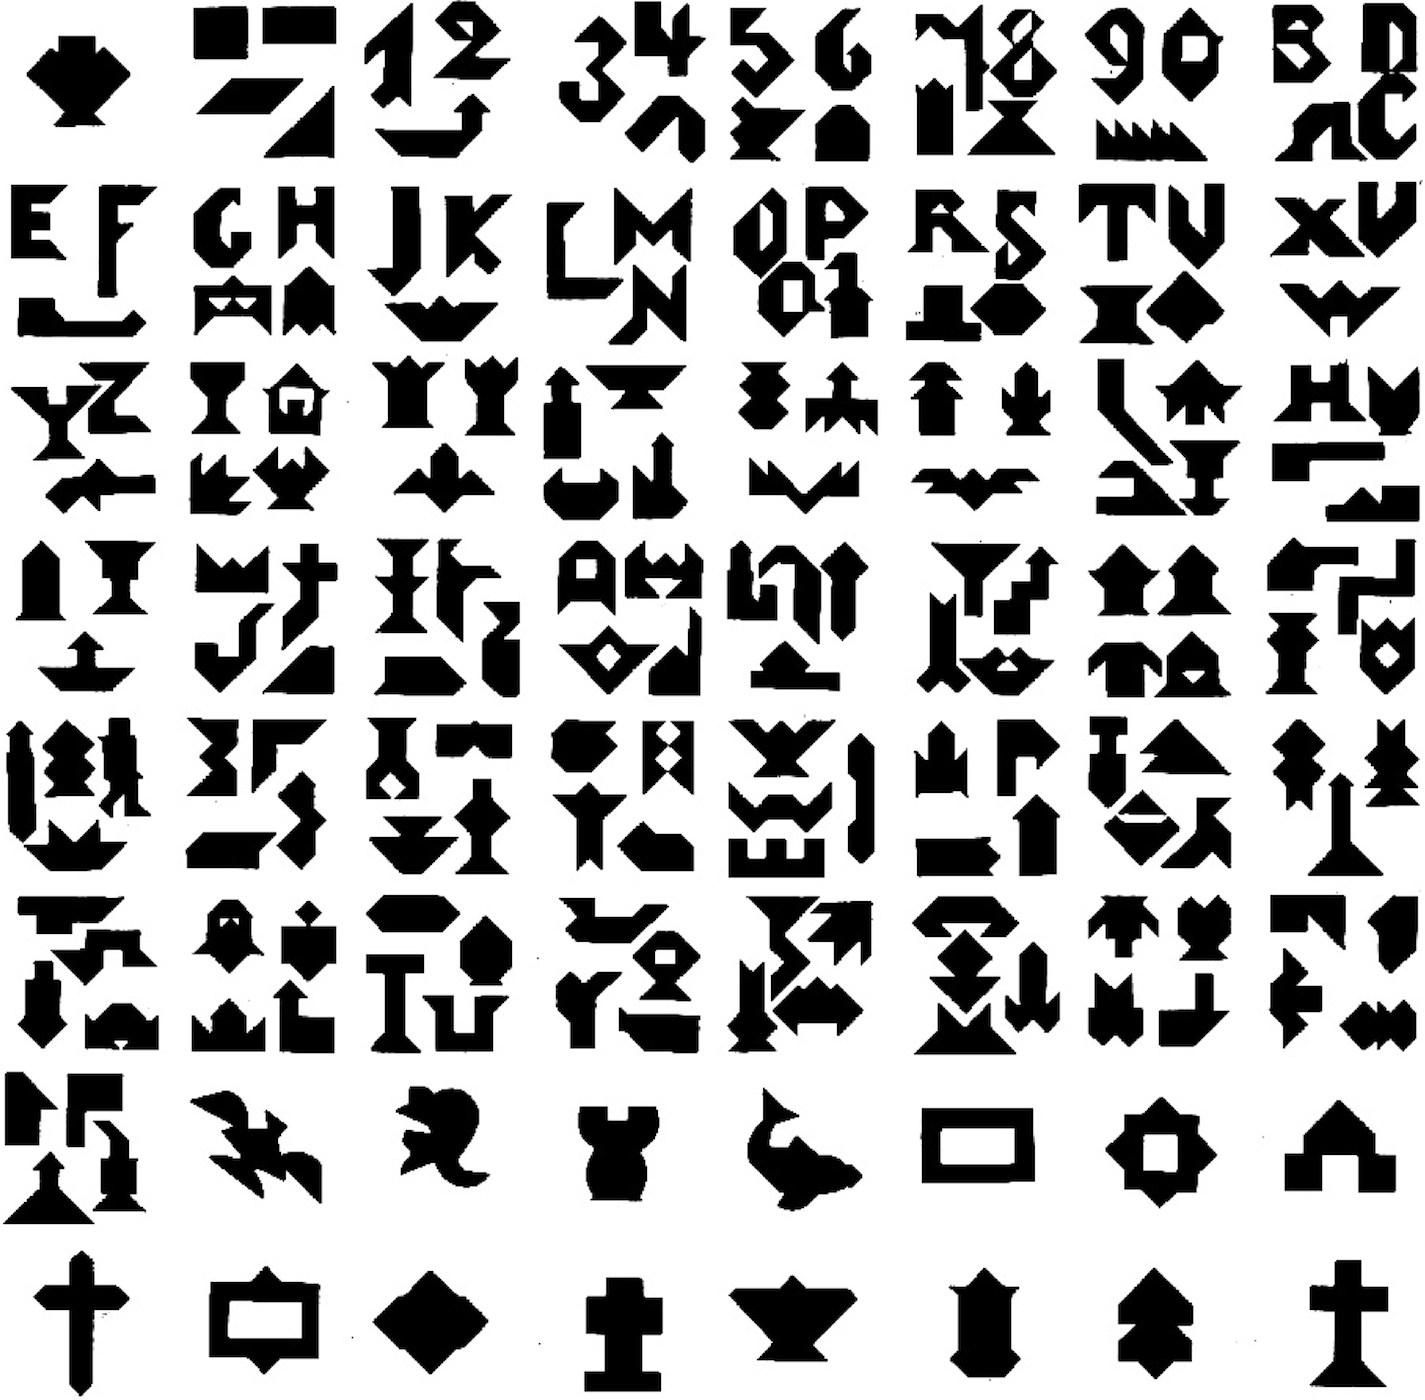 Free Printable Tangram Puzzle Patterns « Eoropeza1 - Printable Tangram Puzzles Pdf